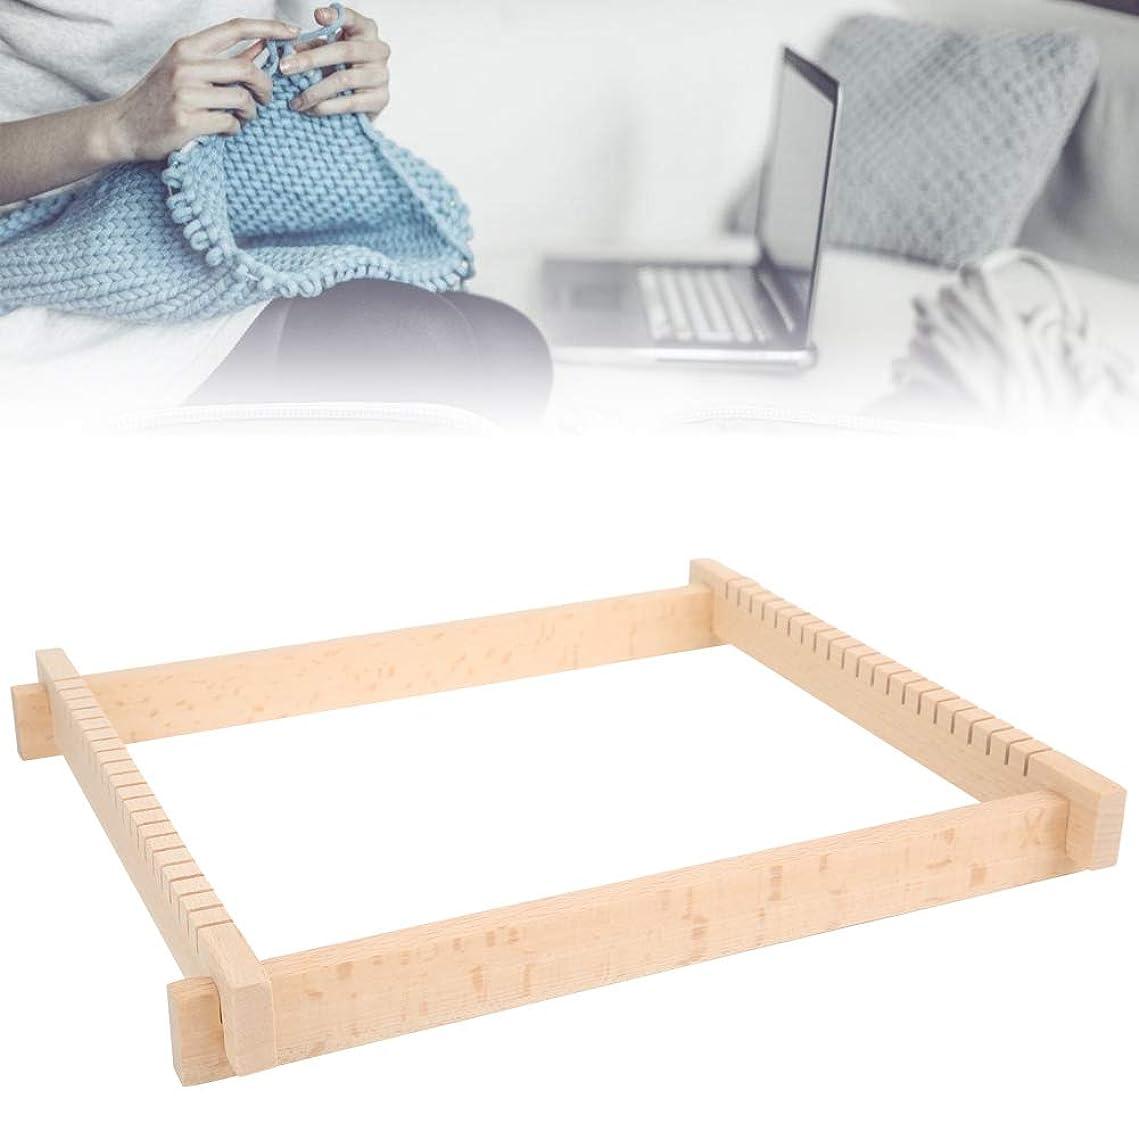 エンディング酔っ払いラベ織機、スカーフ木製編み機、DIY使いやすい編み物用品、子供用教育玩具初心者